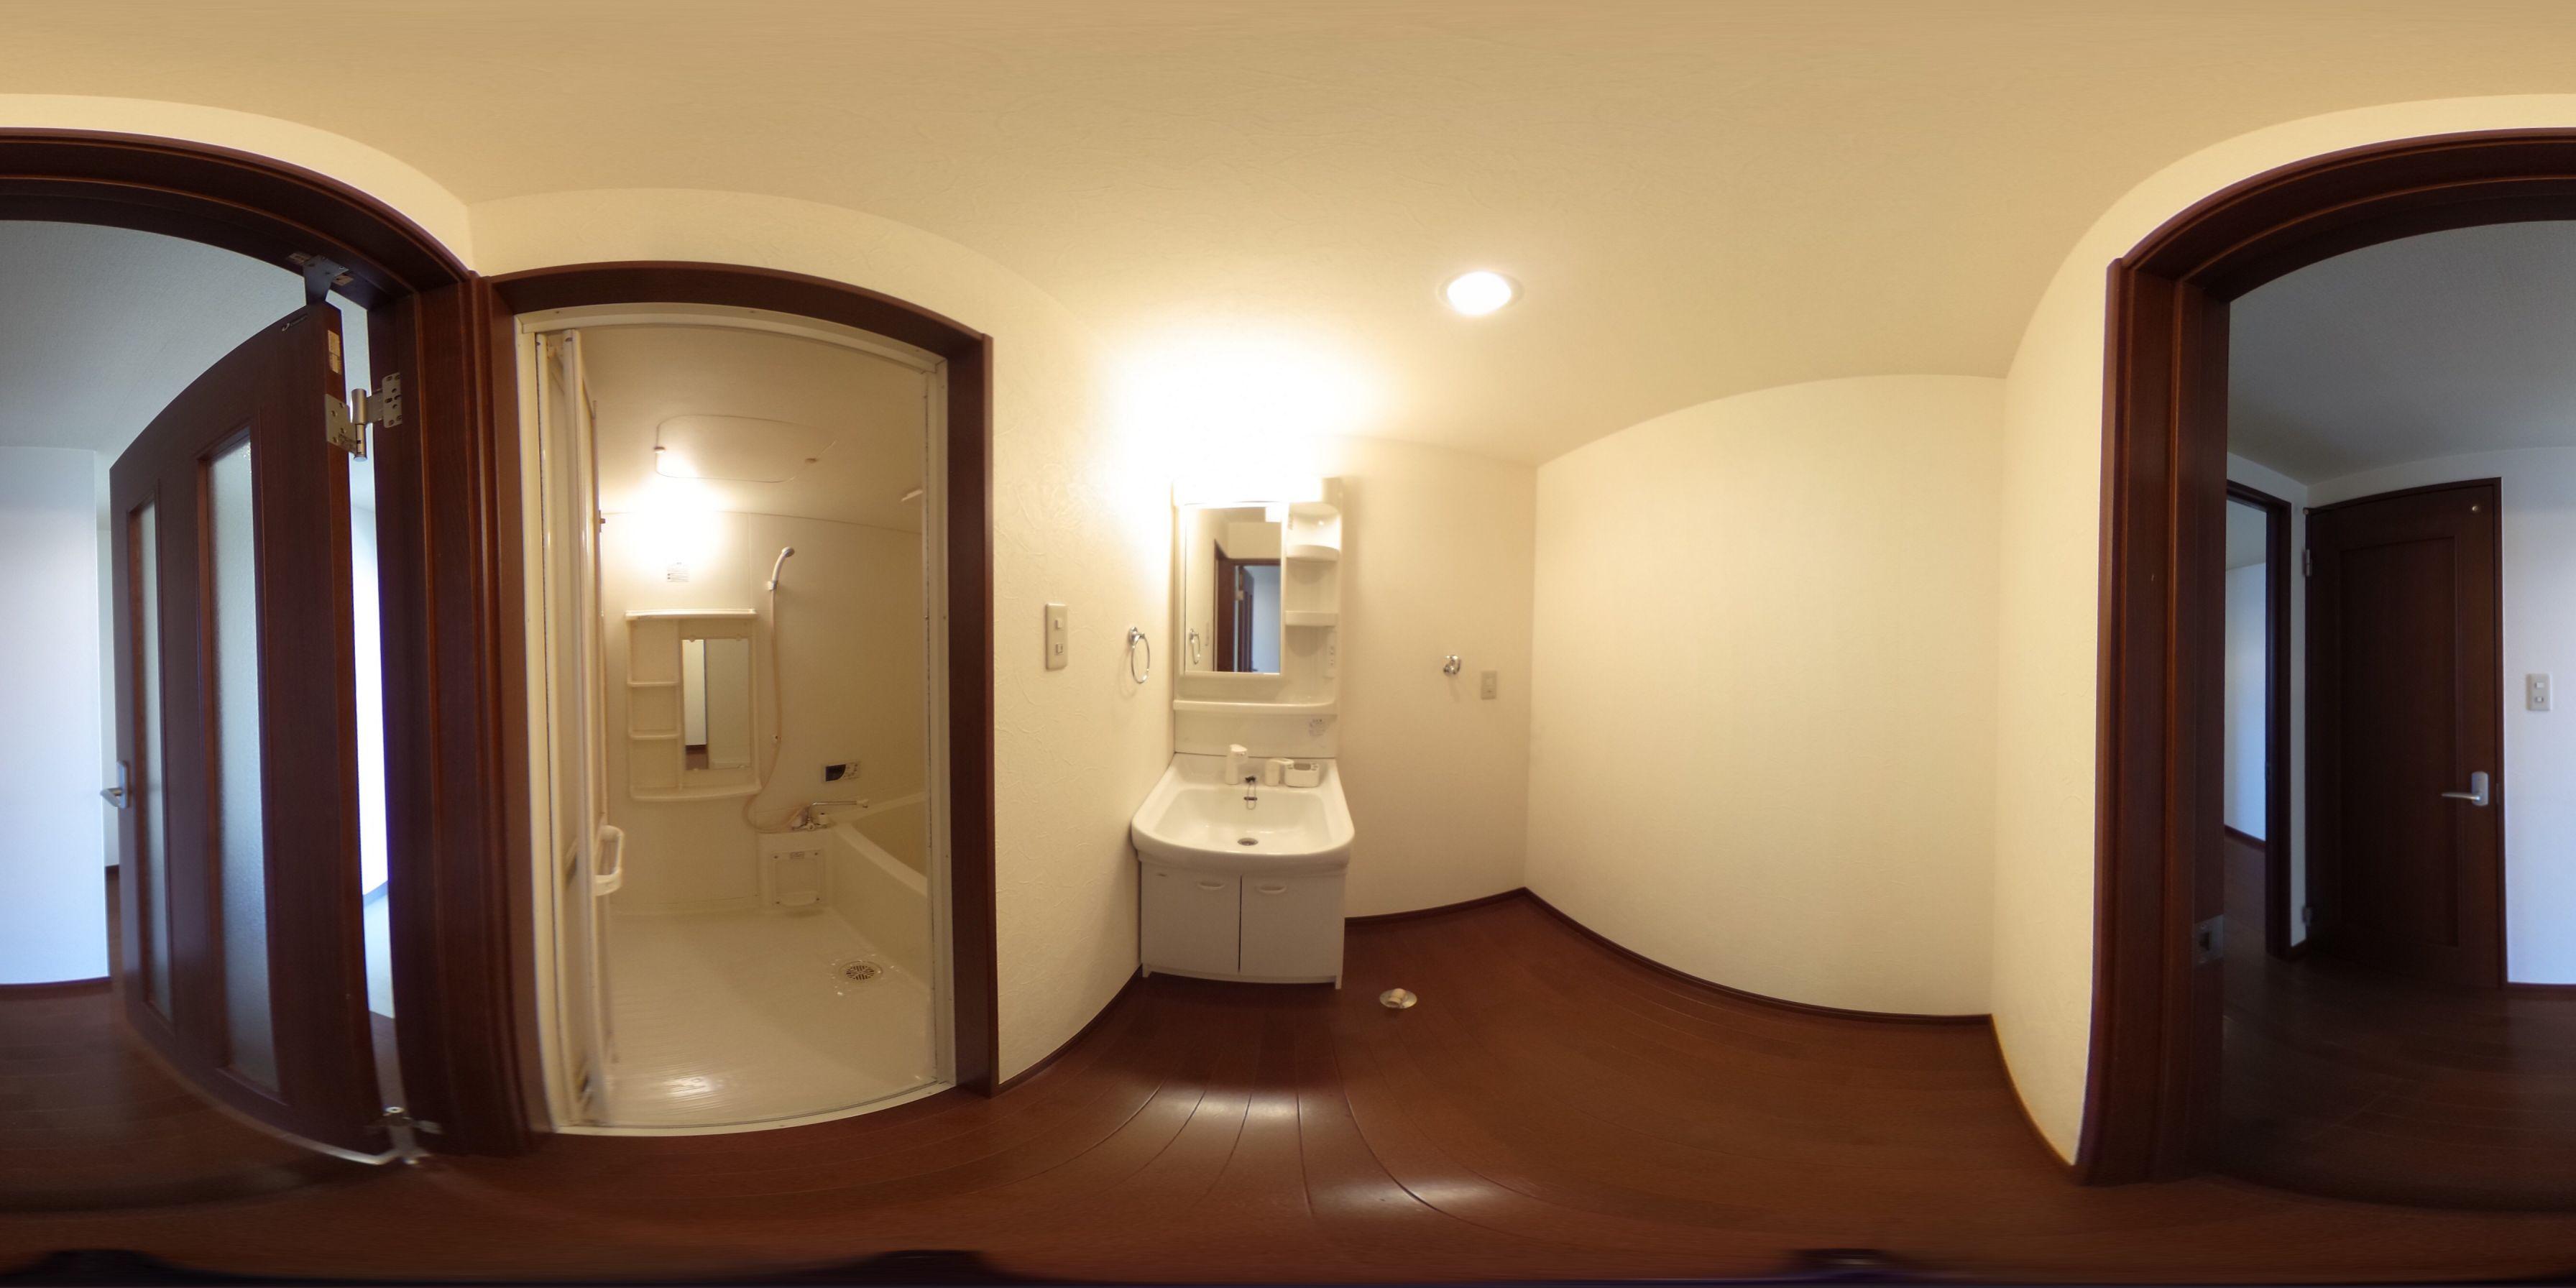 徳島市中前川町 賃貸マンション 1Rパノラマ画像